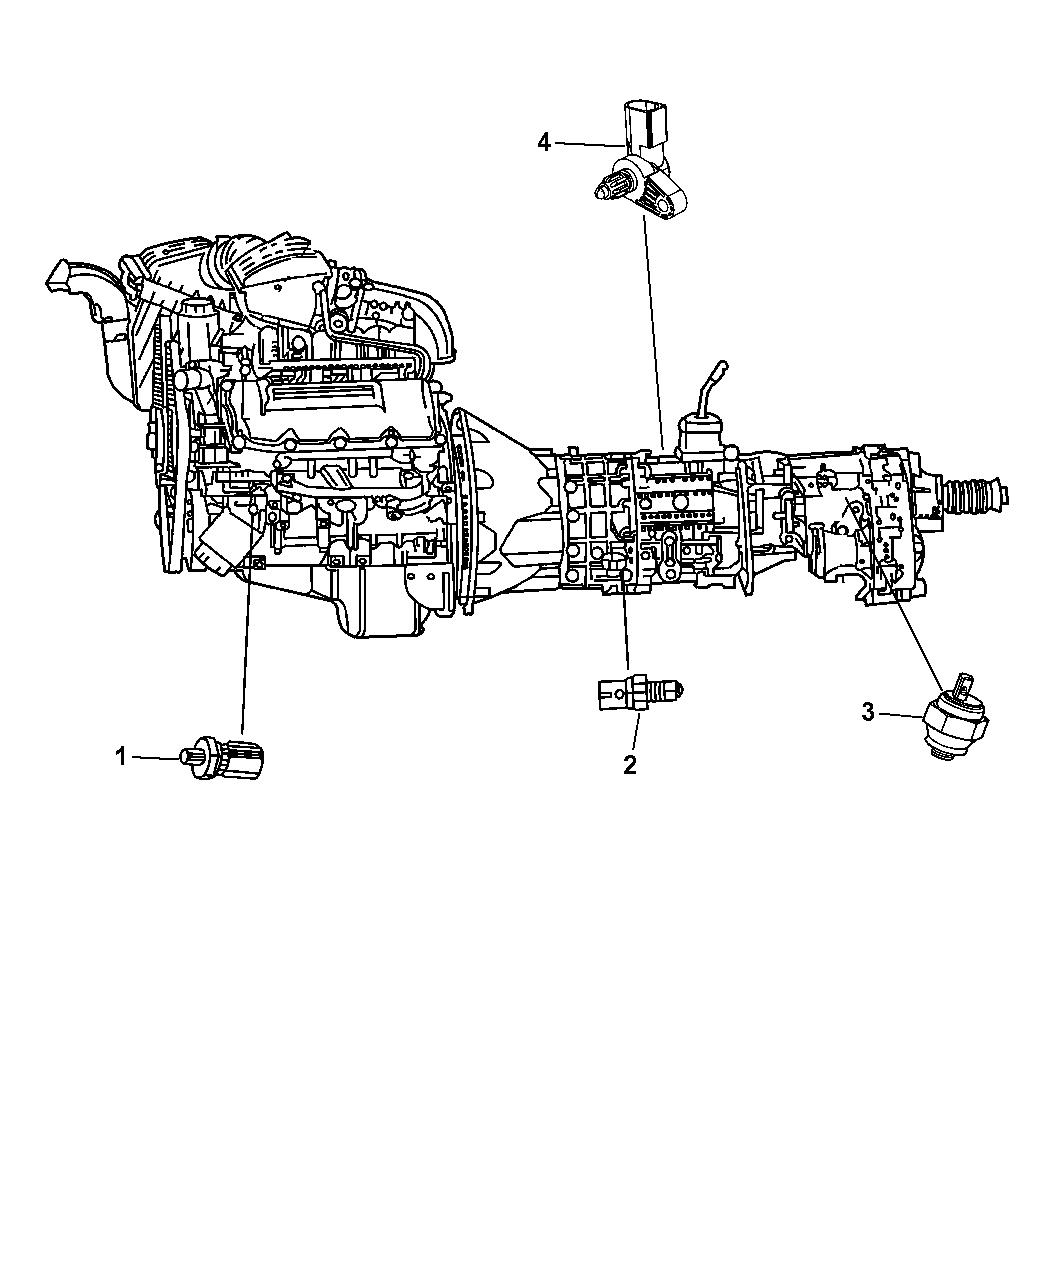 2013 Jeep Wrangler Wiring Schematic - Wiring Diagram Schemas